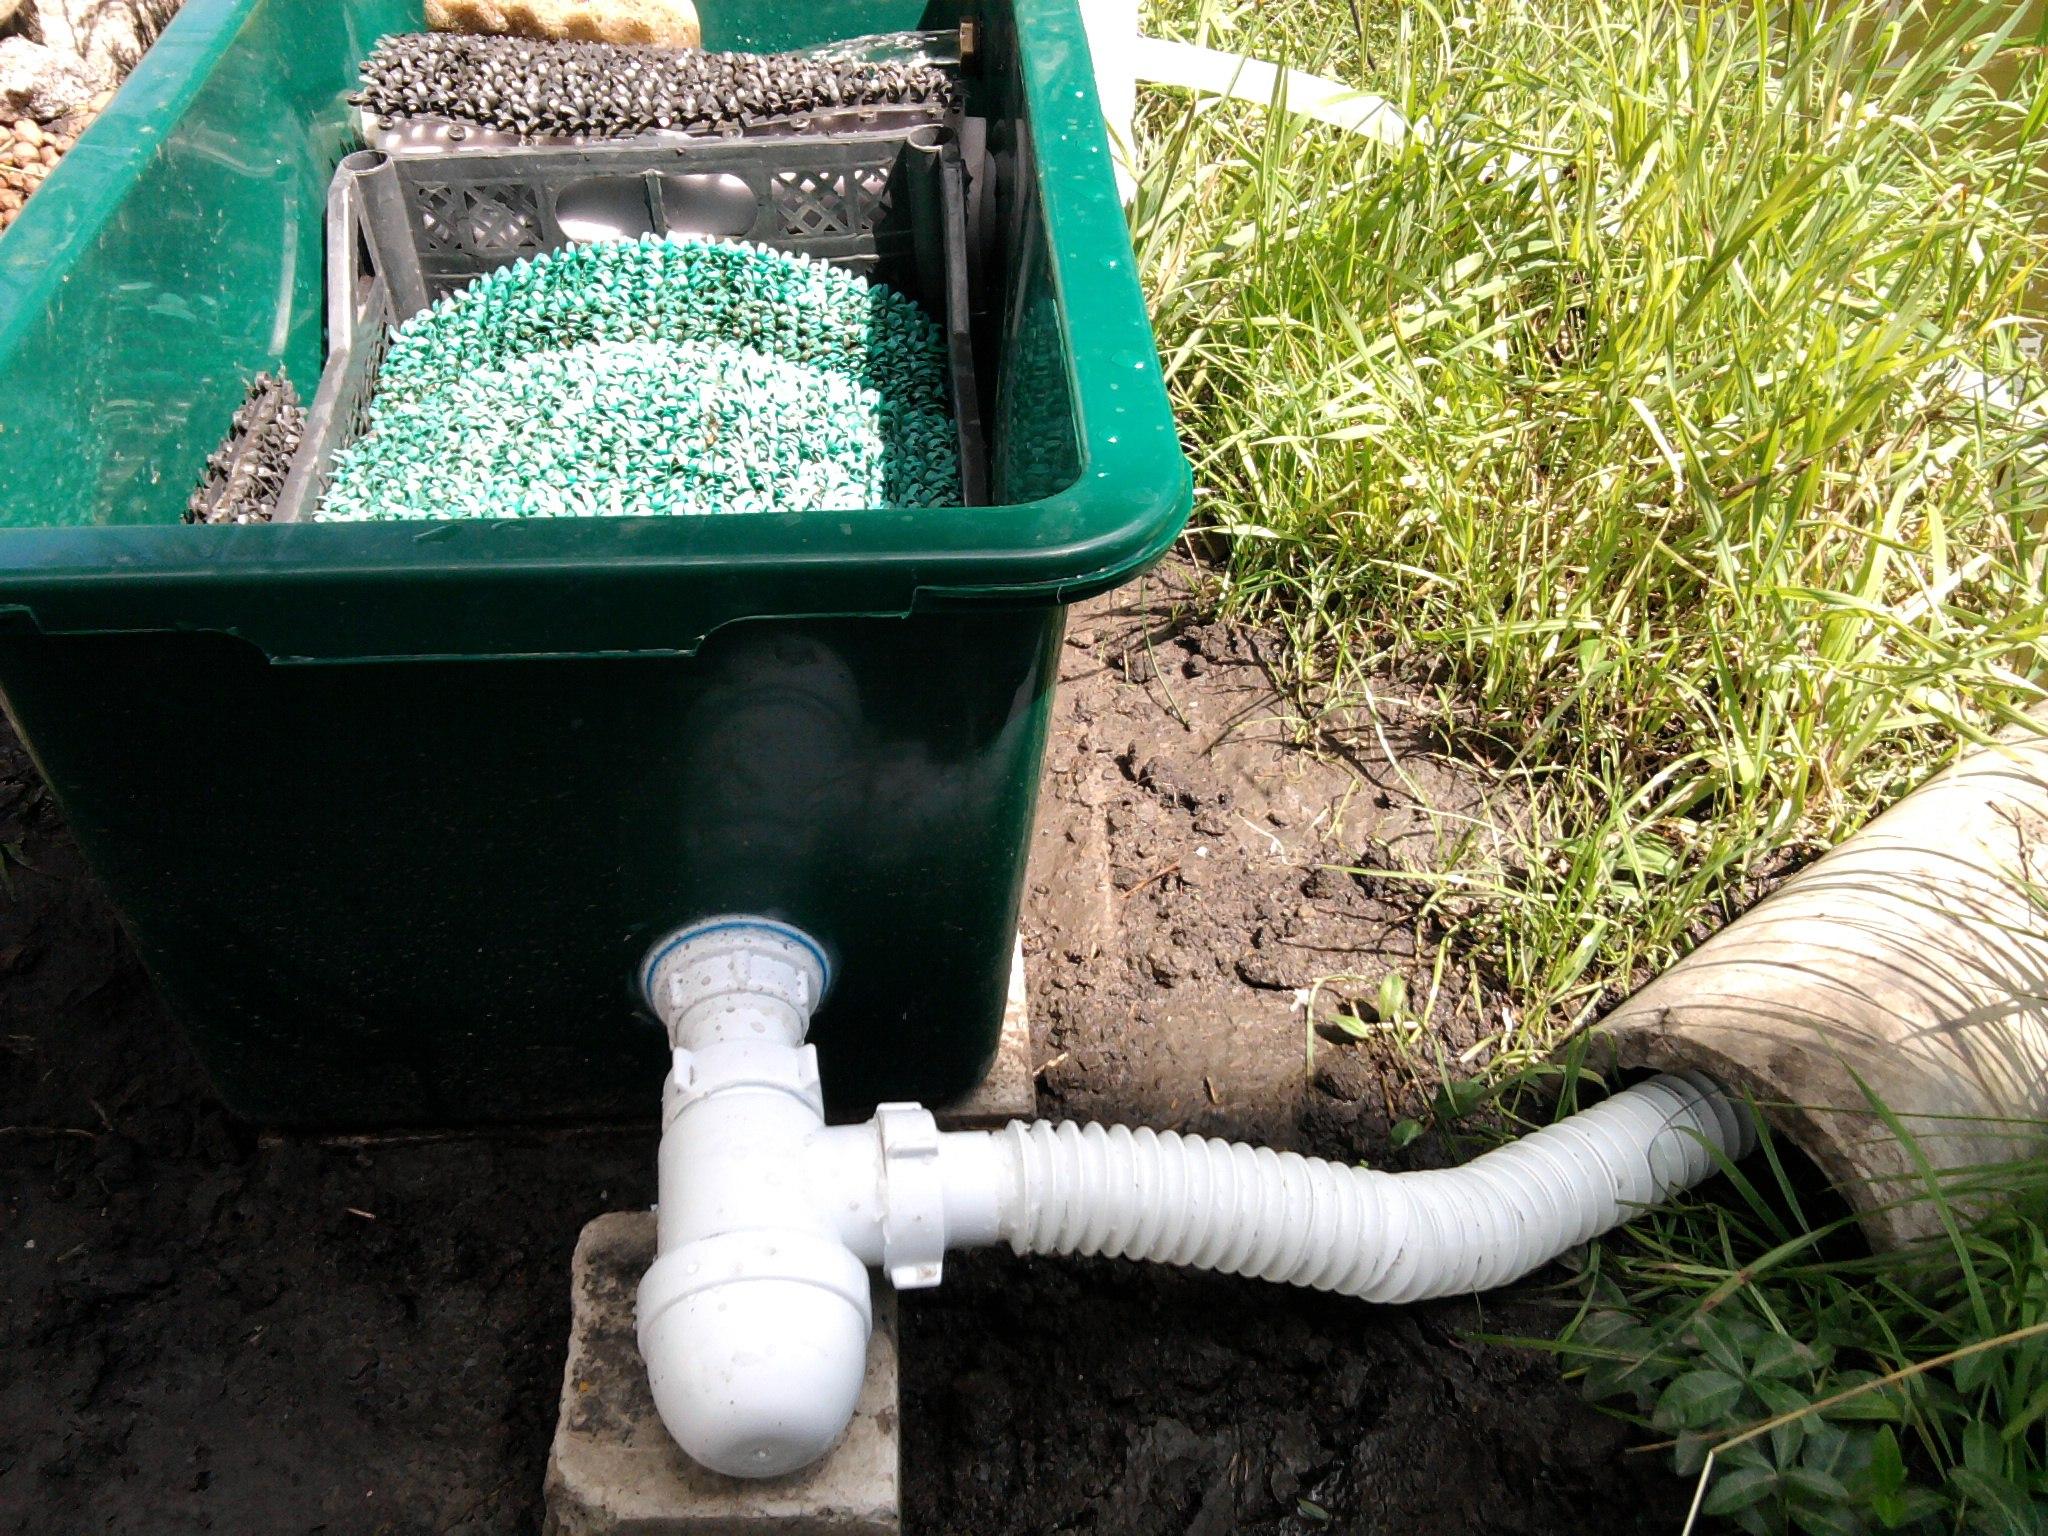 Фильтр для очистки воды своими руками: самодельный прибор